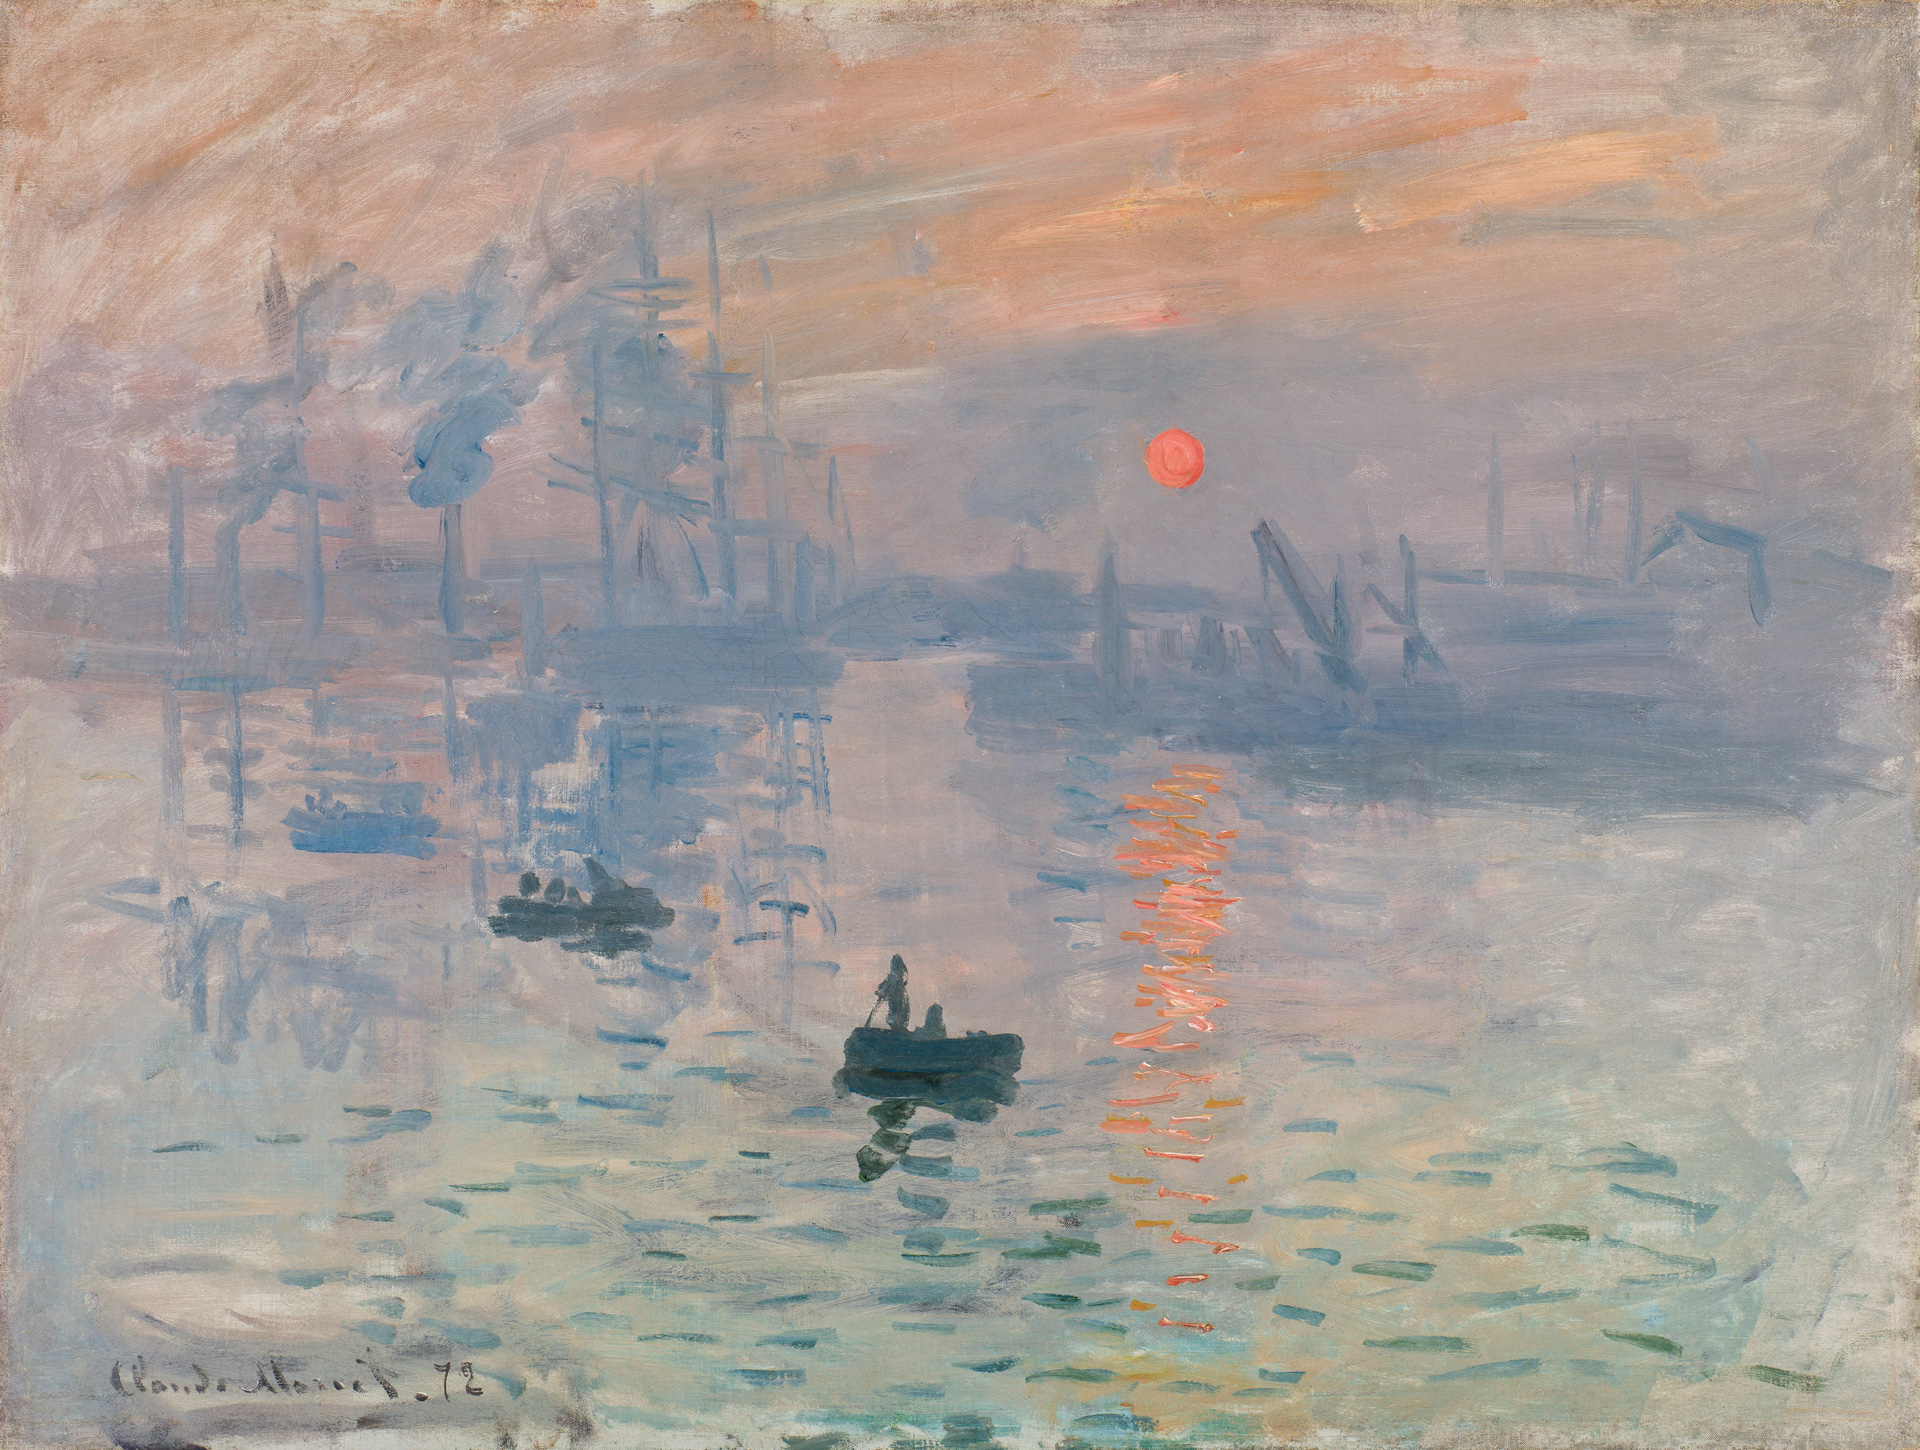 Claude Monet, Impression, soleil levant, 1872 © Musée Marmottan Monet, Paris